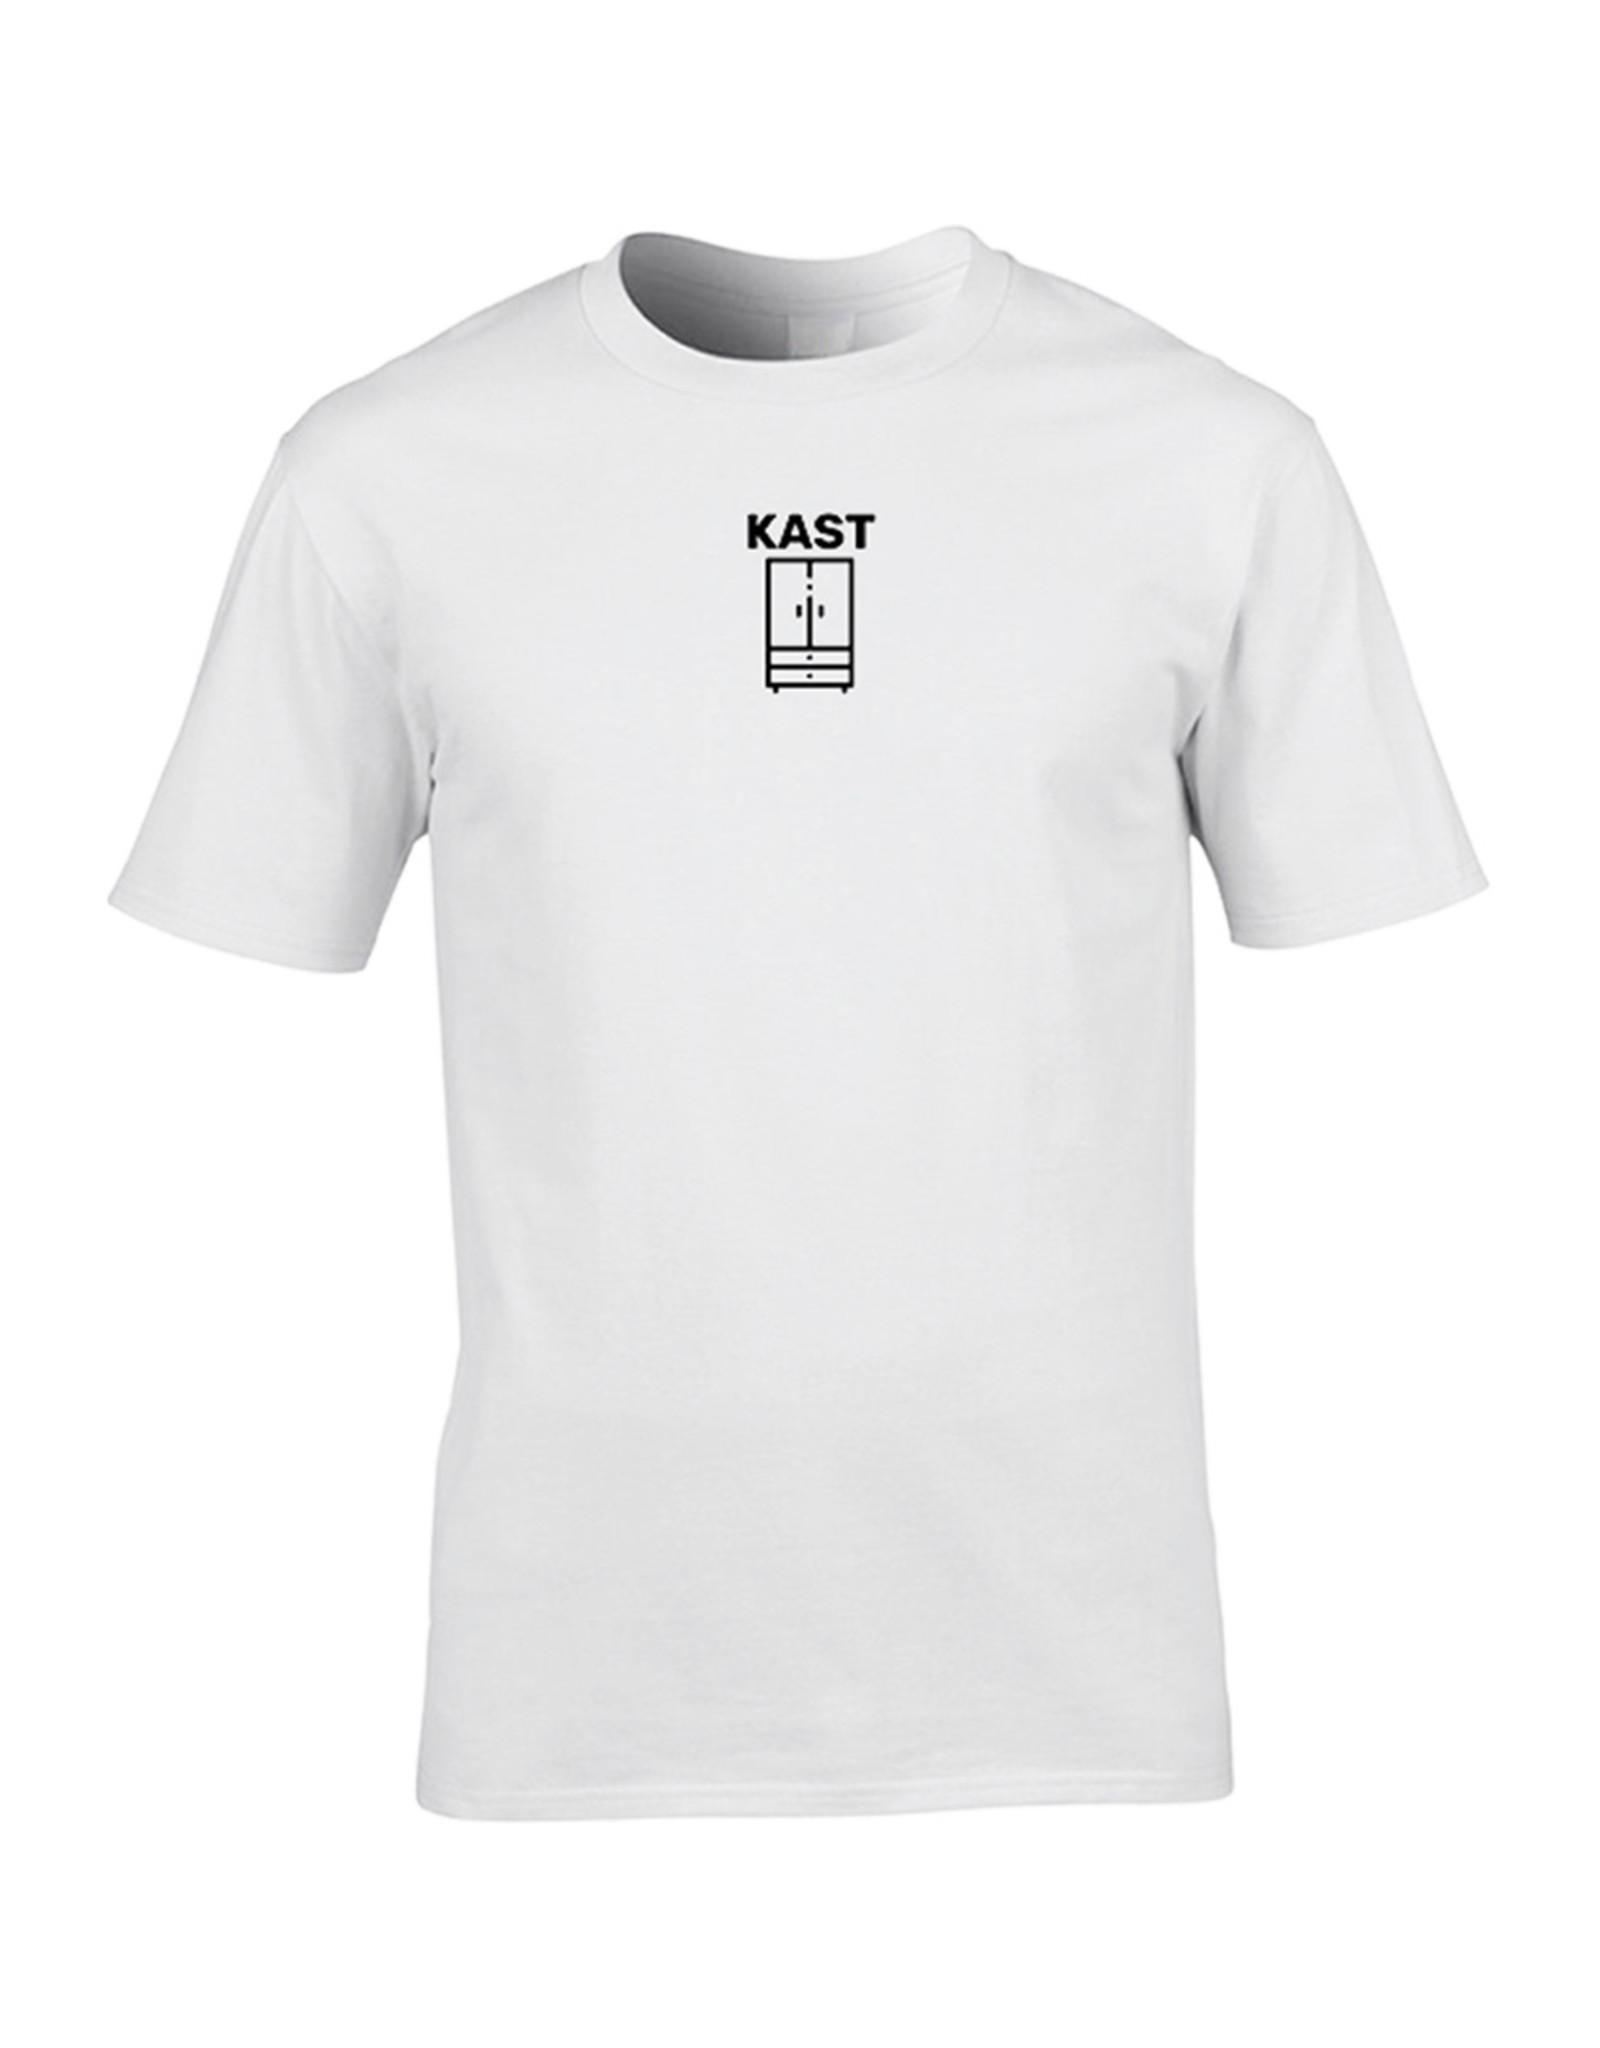 Festicap T-Shirt Kast | Zacht katoen | Hand gemaakt